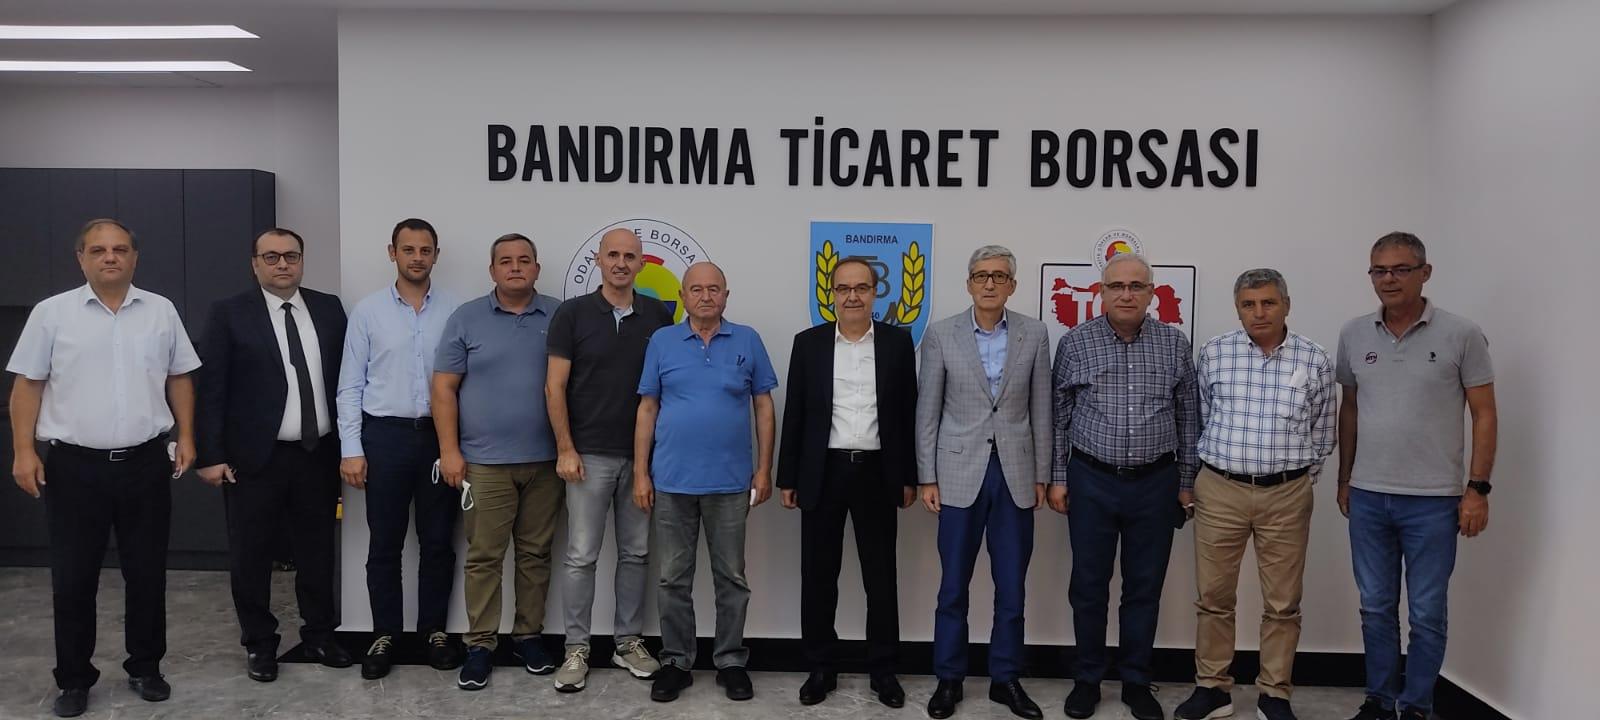 BALIKESİR SANAYİ ODASI'NDAN BORSAMIZA ZİYARET